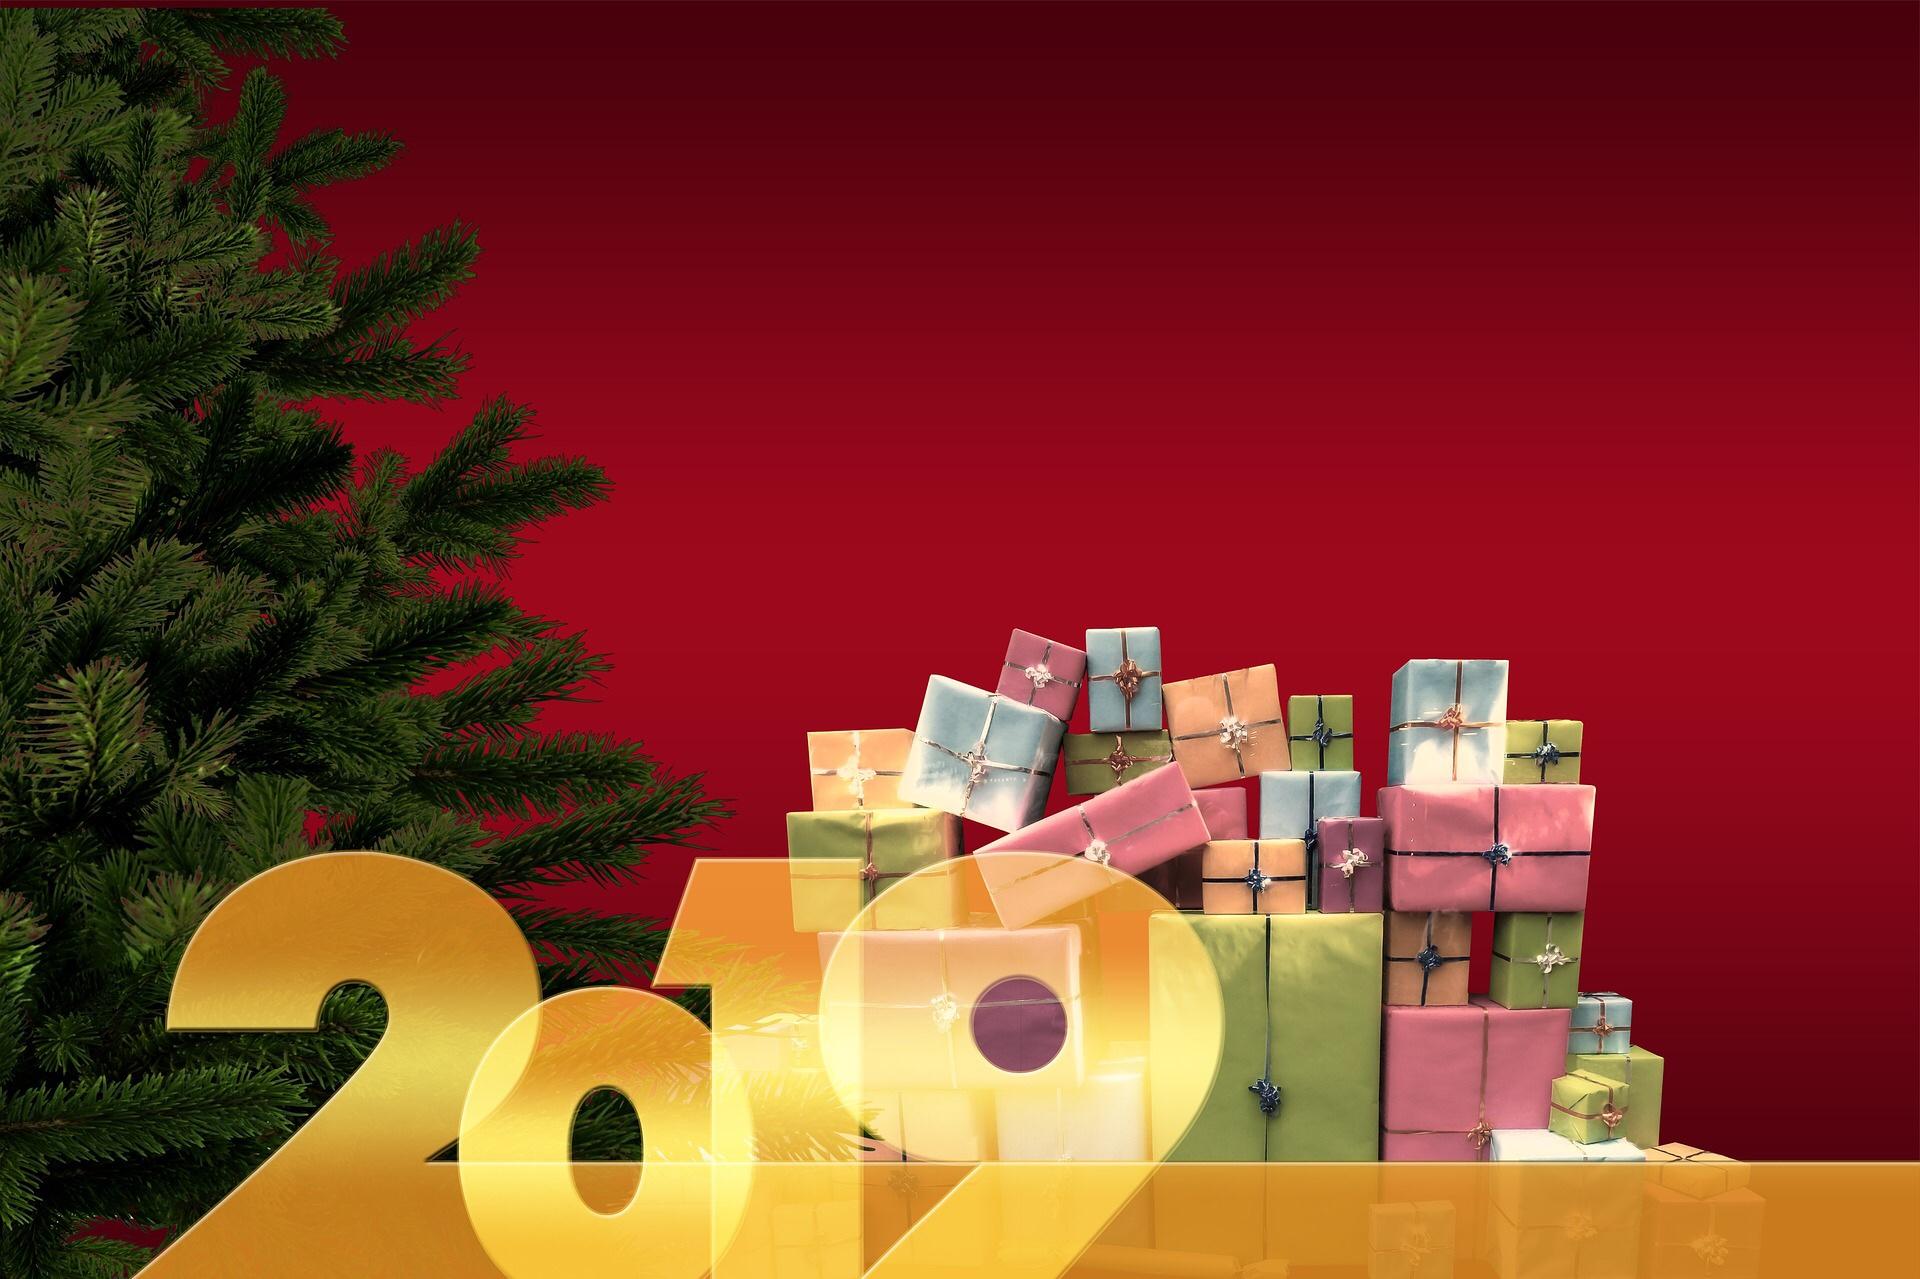 Frohe Weihnachten Wikipedia.Frohe Weihnachten Und Ein Gesundes